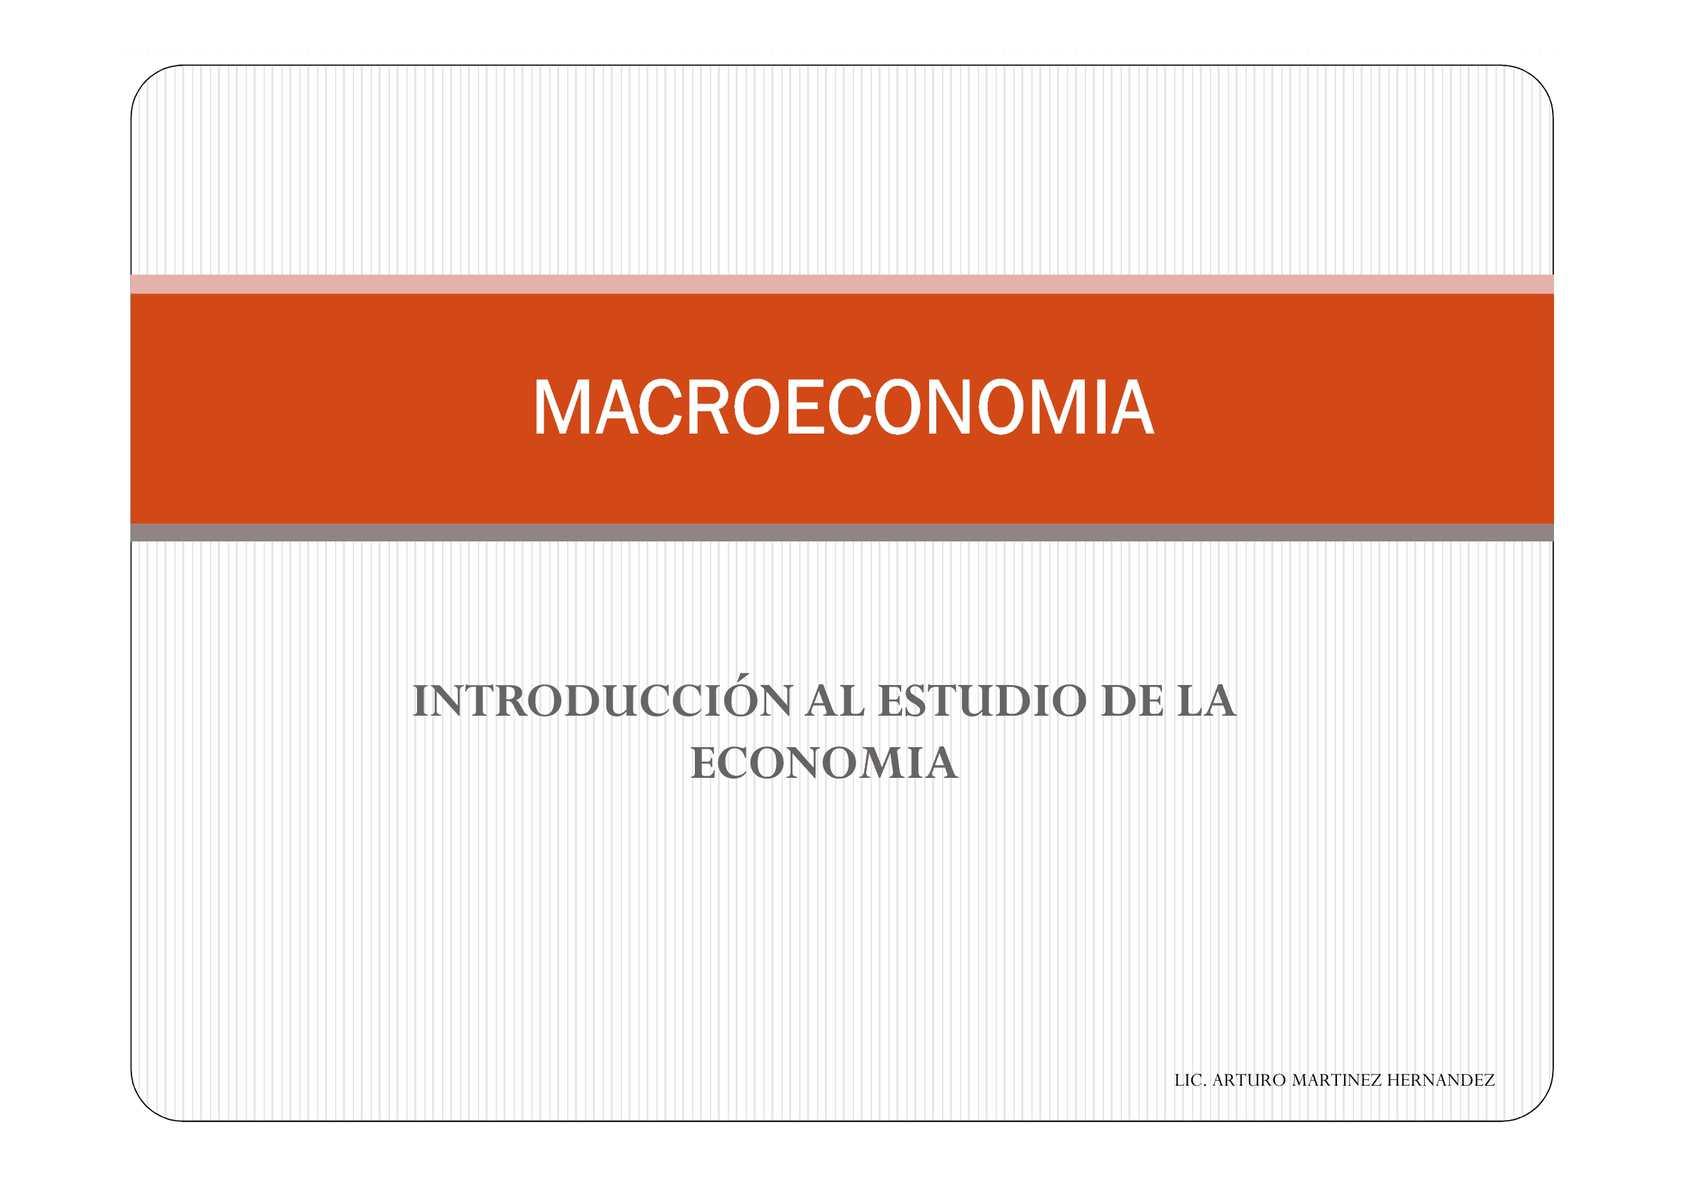 1.-INTRODUCCION AL ESTUDIO DE LA ECONOMIA